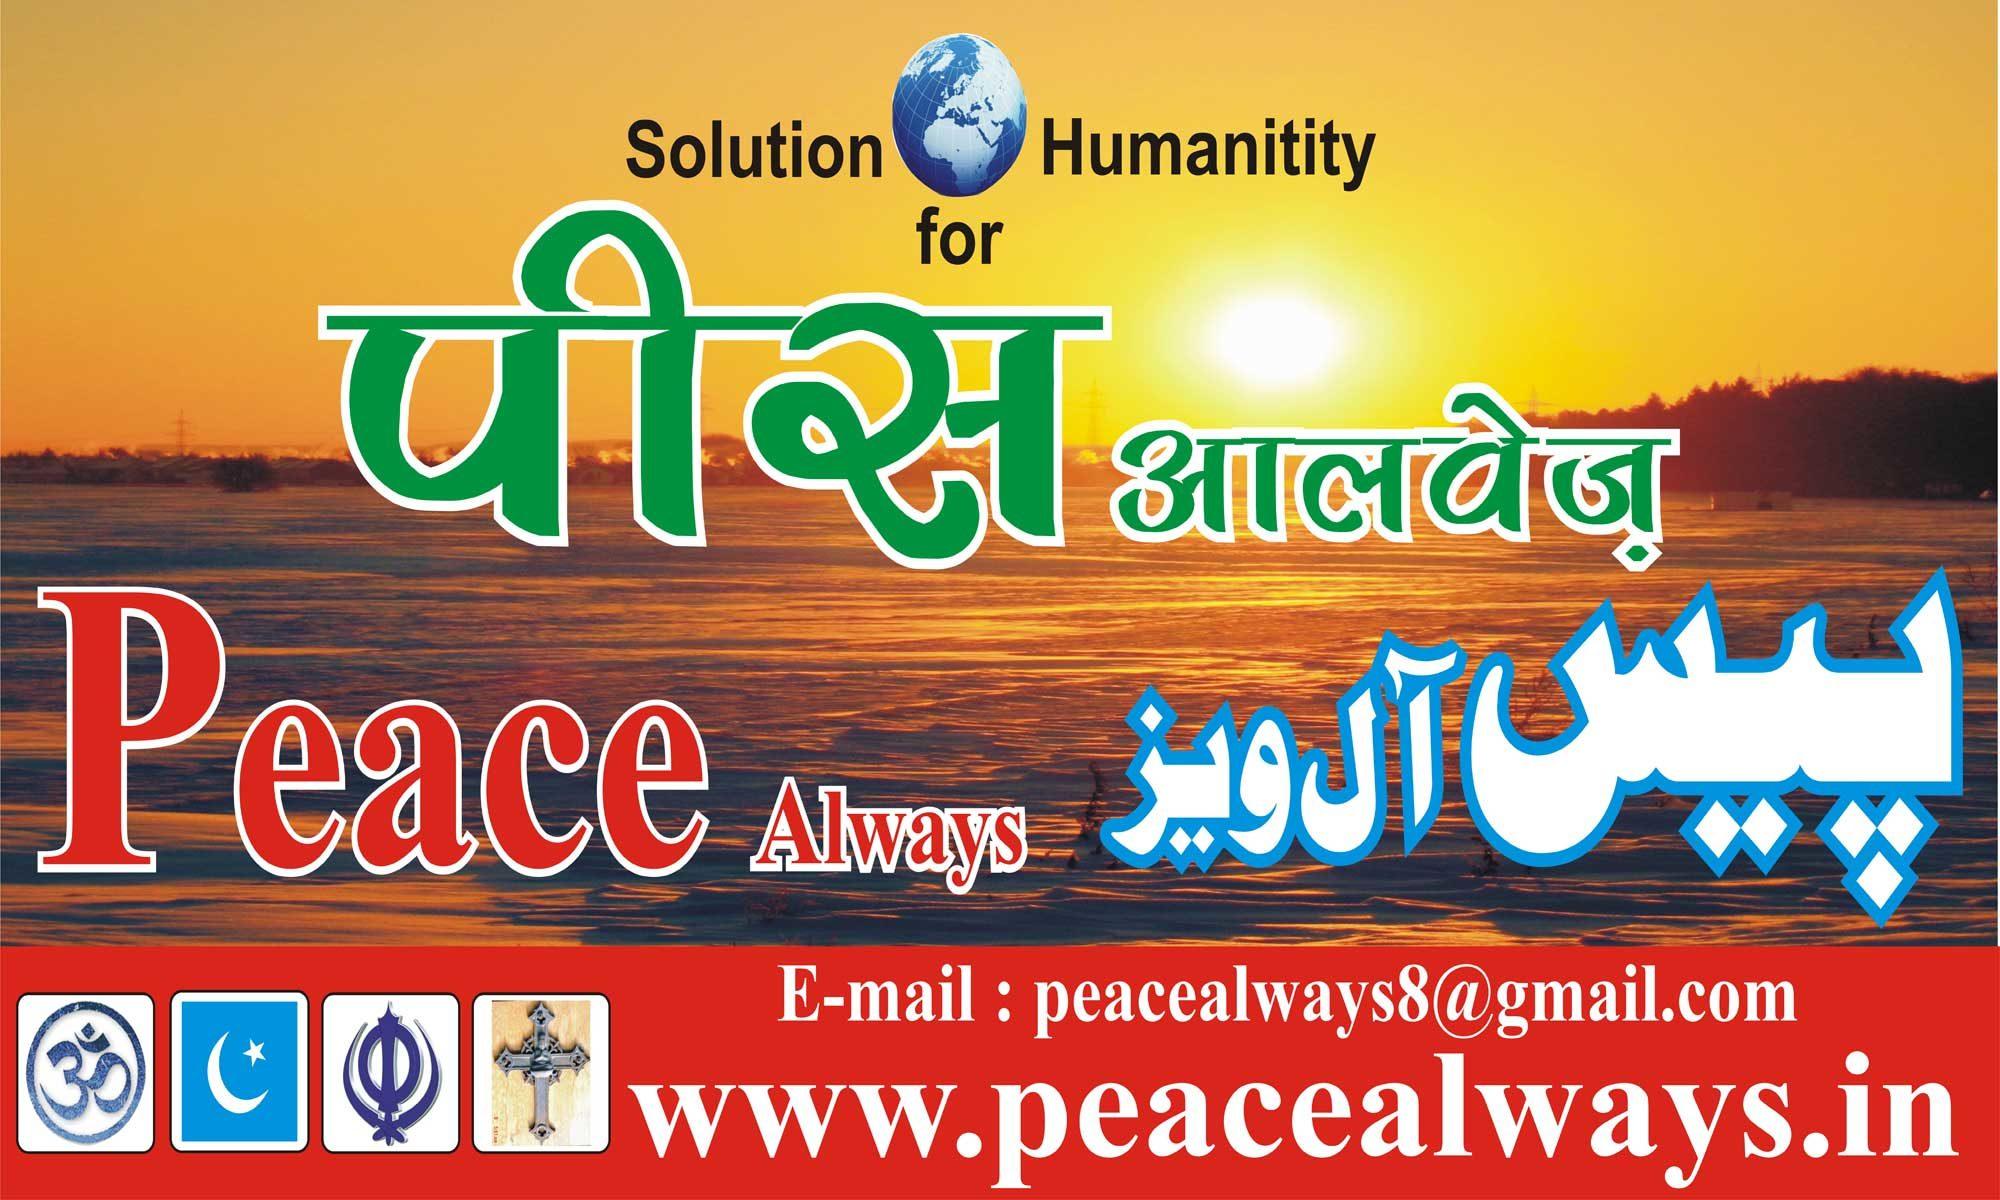 peacealways.in